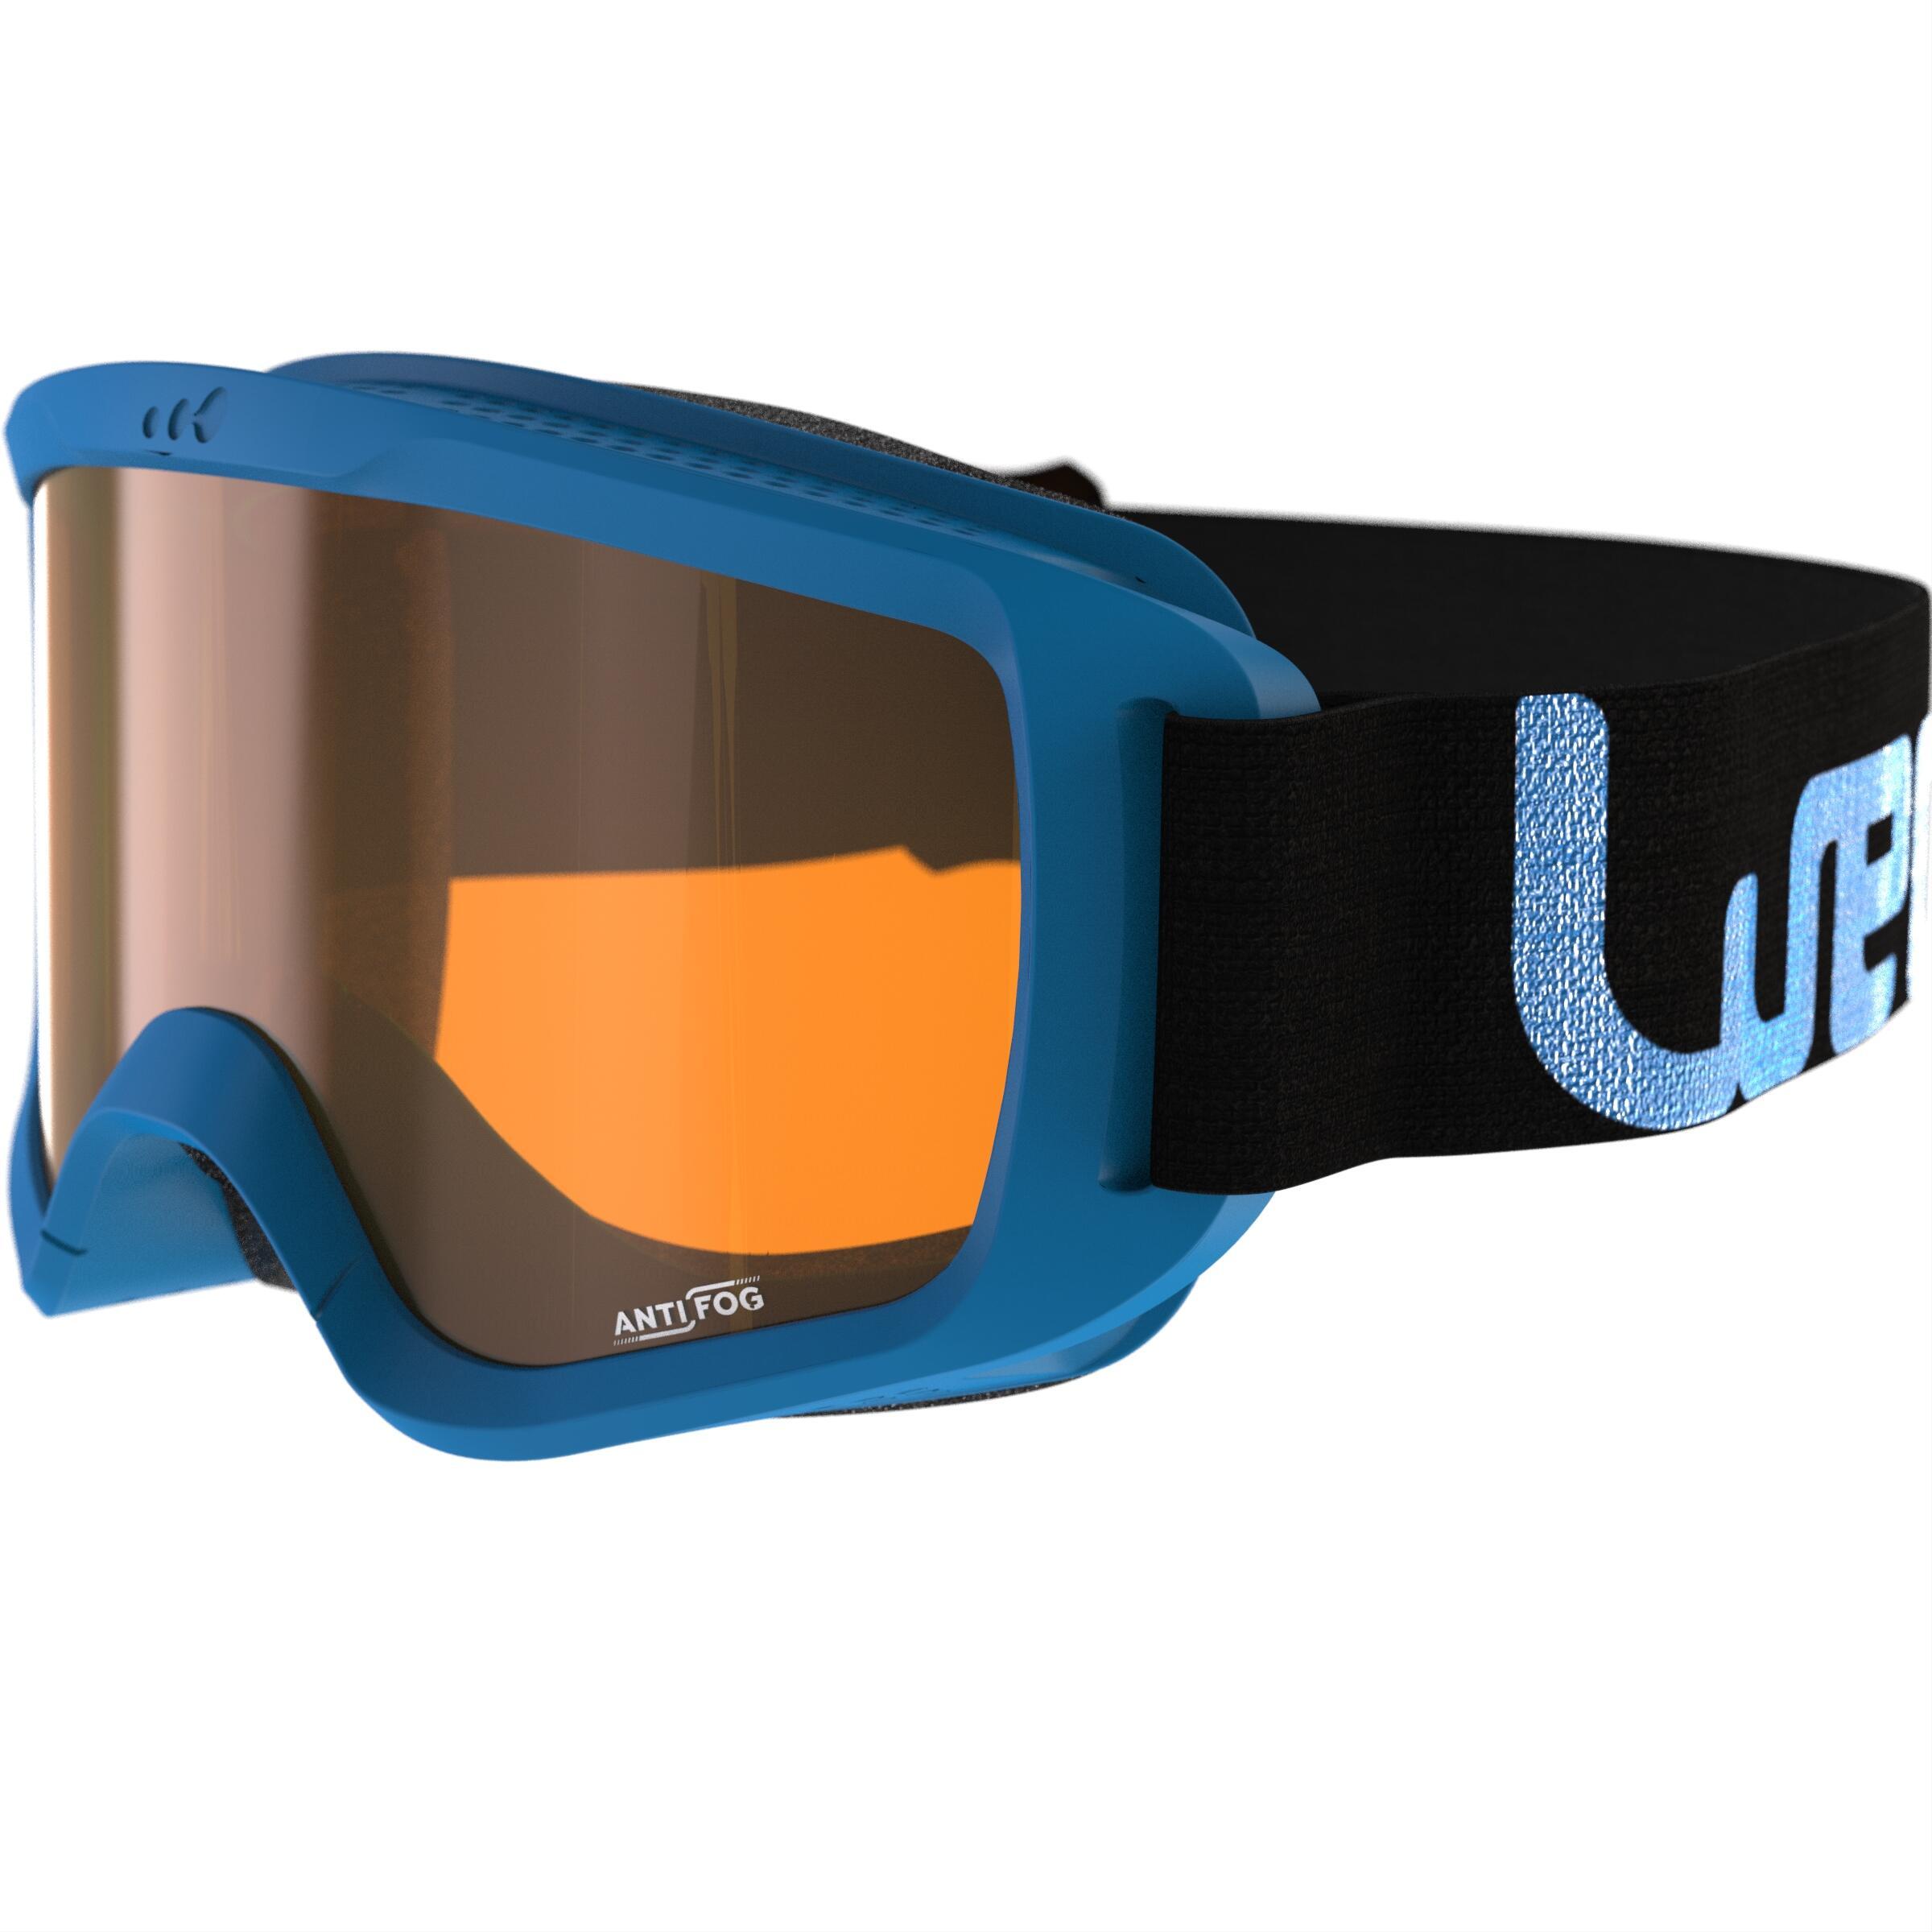 aff4e8aab4 Comprar Gafas y Máscaras de Snowboard Online | Decathlon